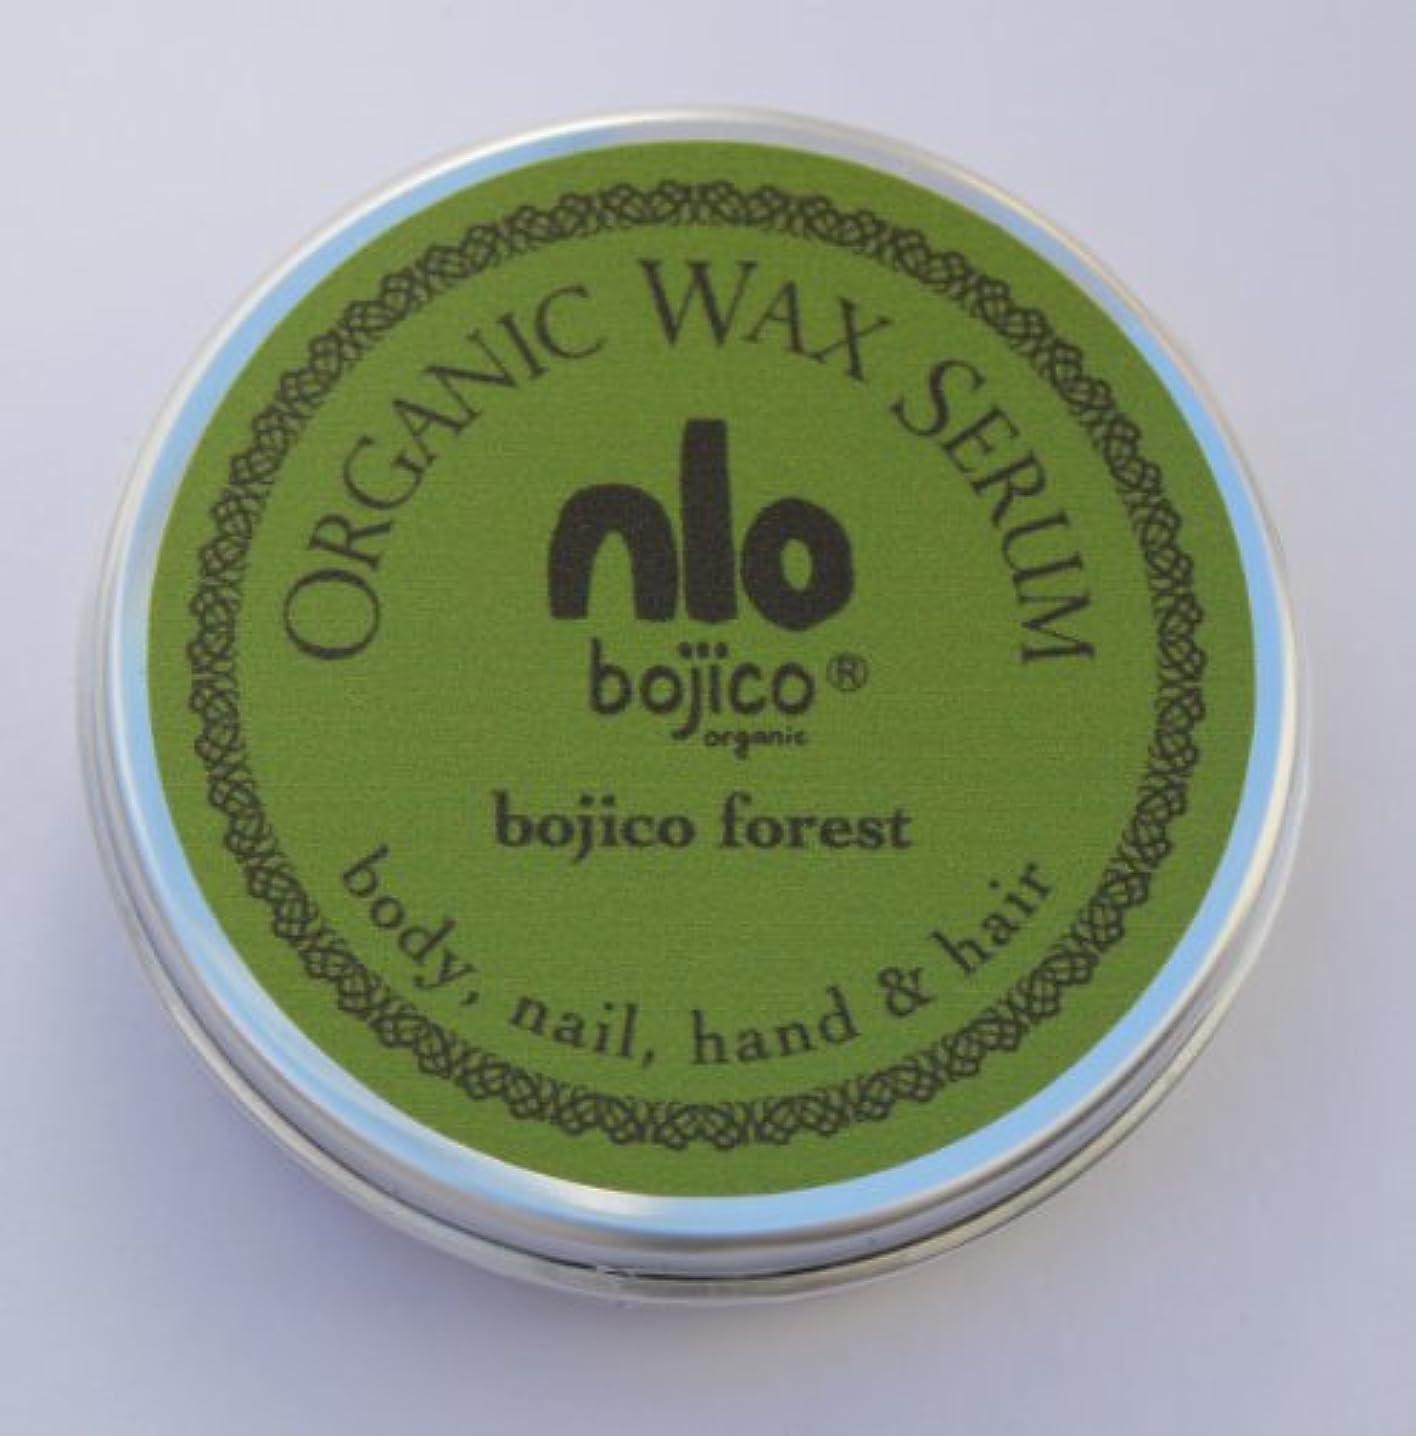 カーペット商品熱心なbojico オーガニック ワックス セラム<フォレスト> Organic Wax Serum 18g